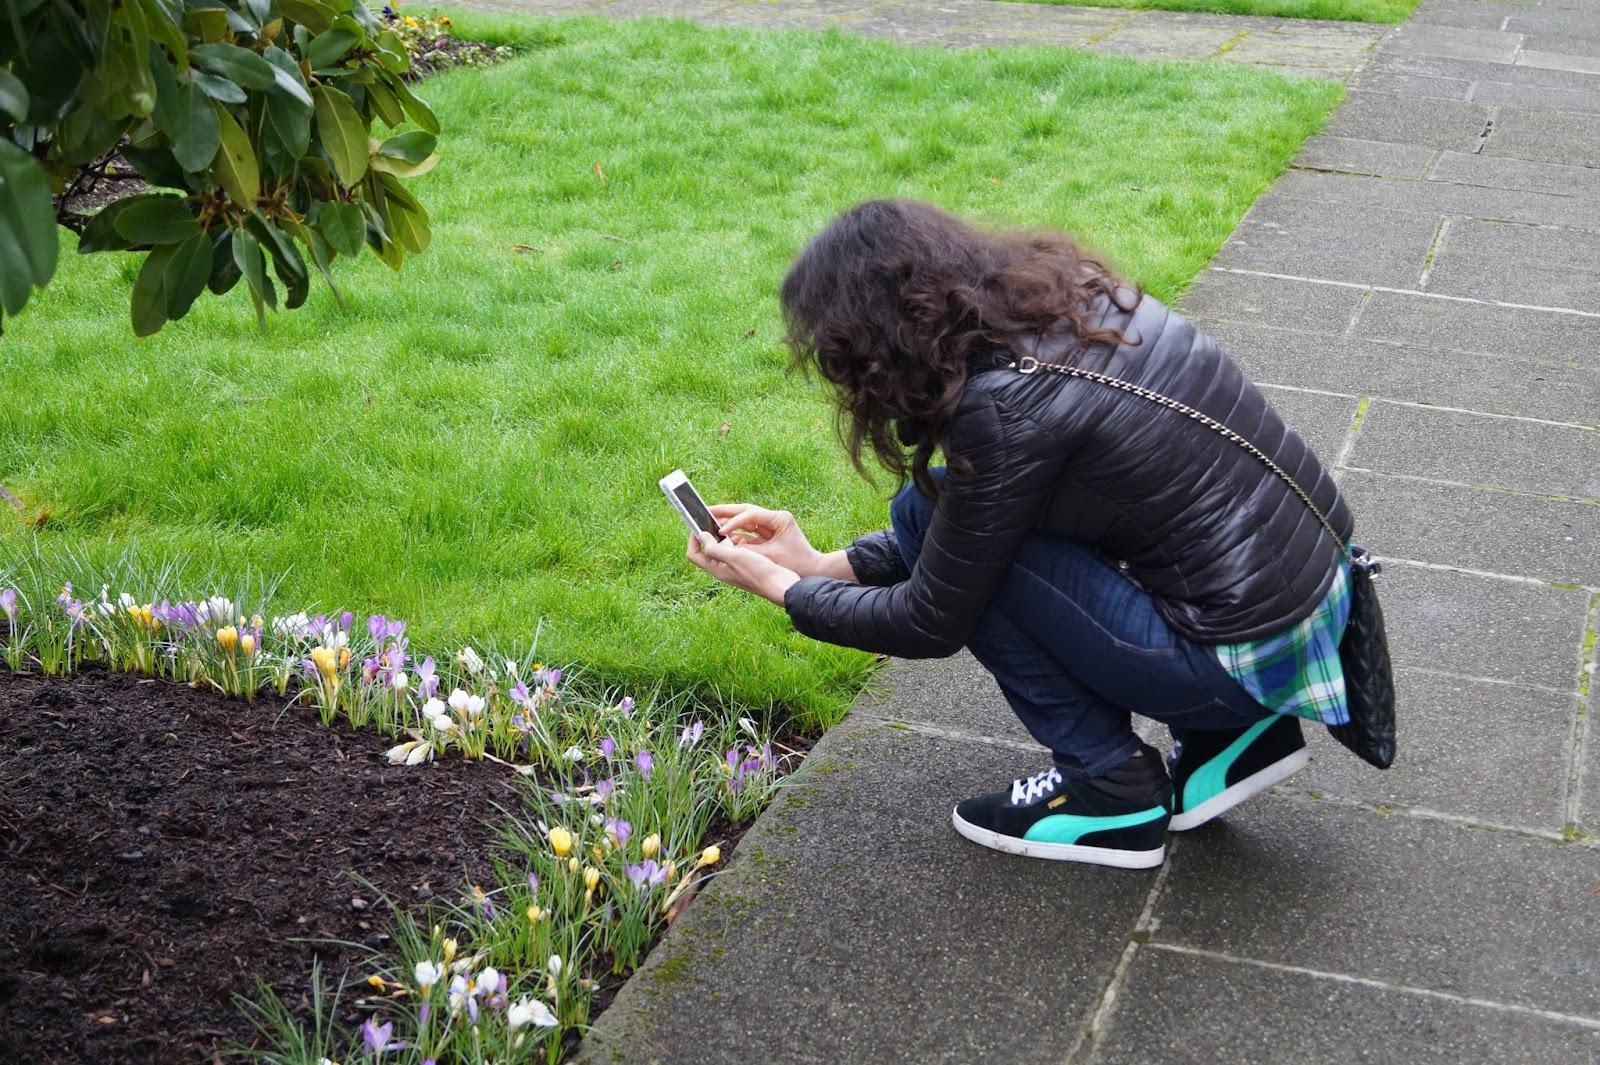 Влада фотографирует февральские цветы